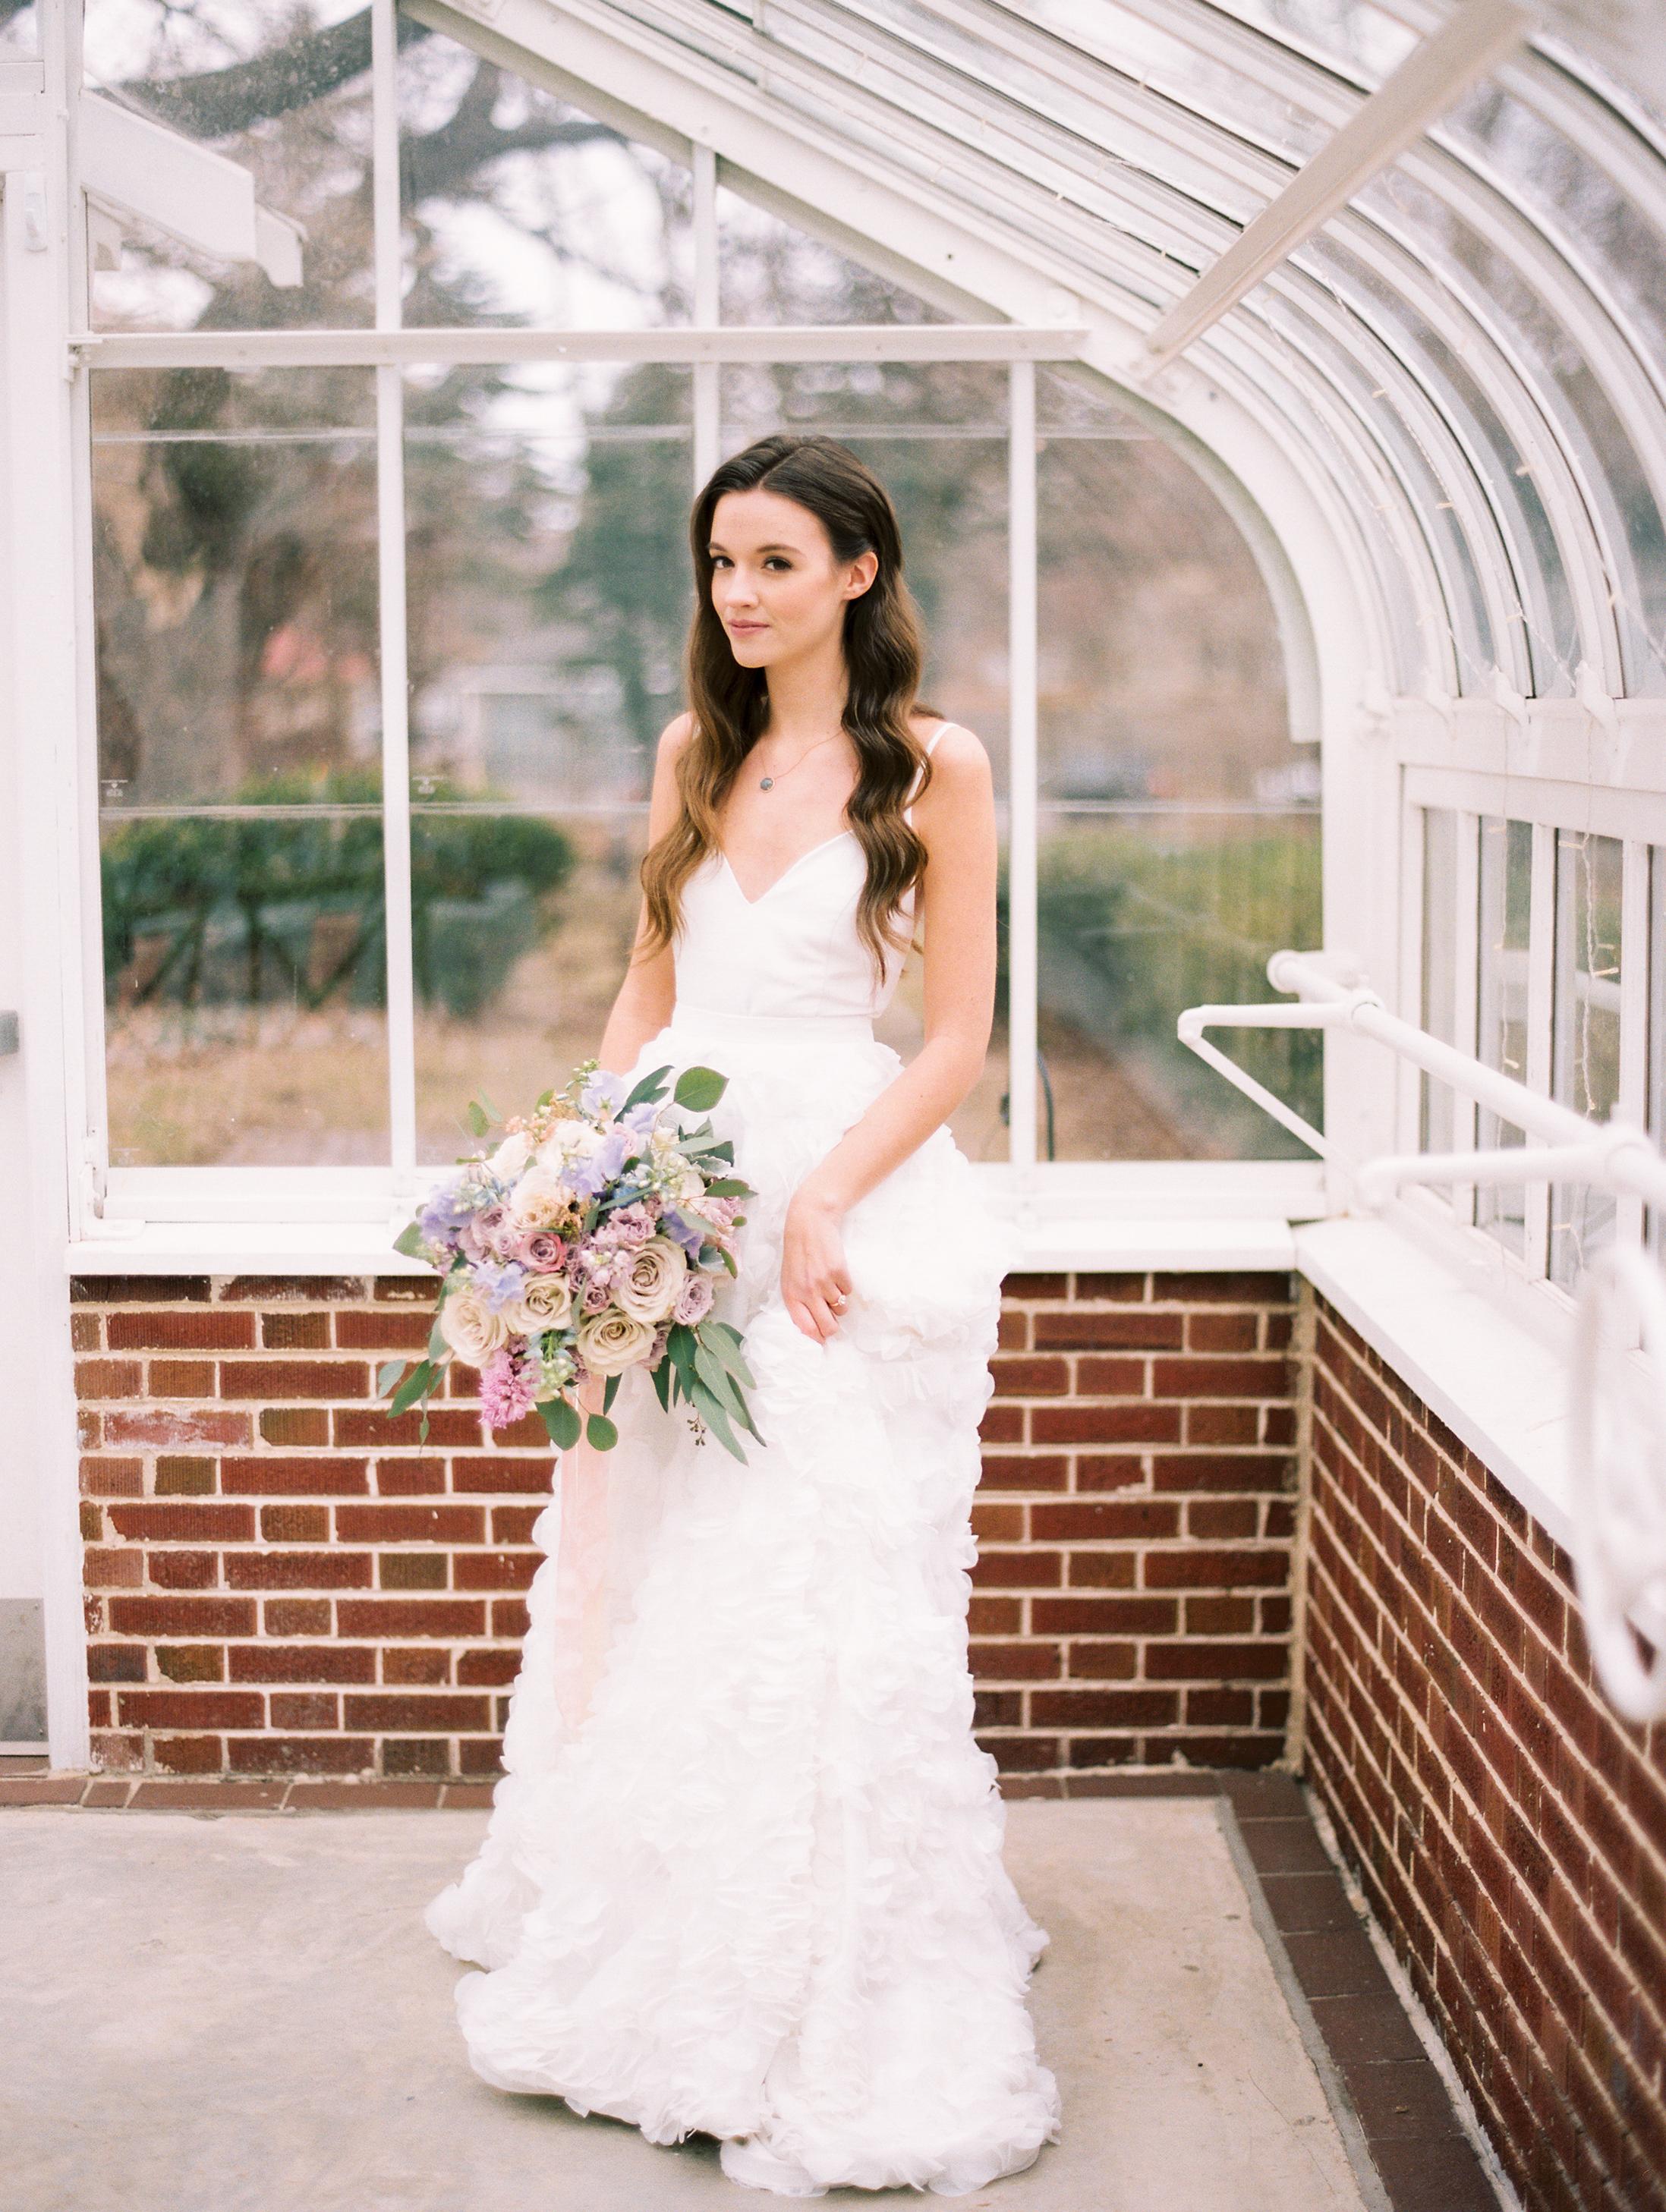 Kristin-La-Voie-Photography-Chicago-Wedding-Photographer-Cheney-Mansion-180.jpg